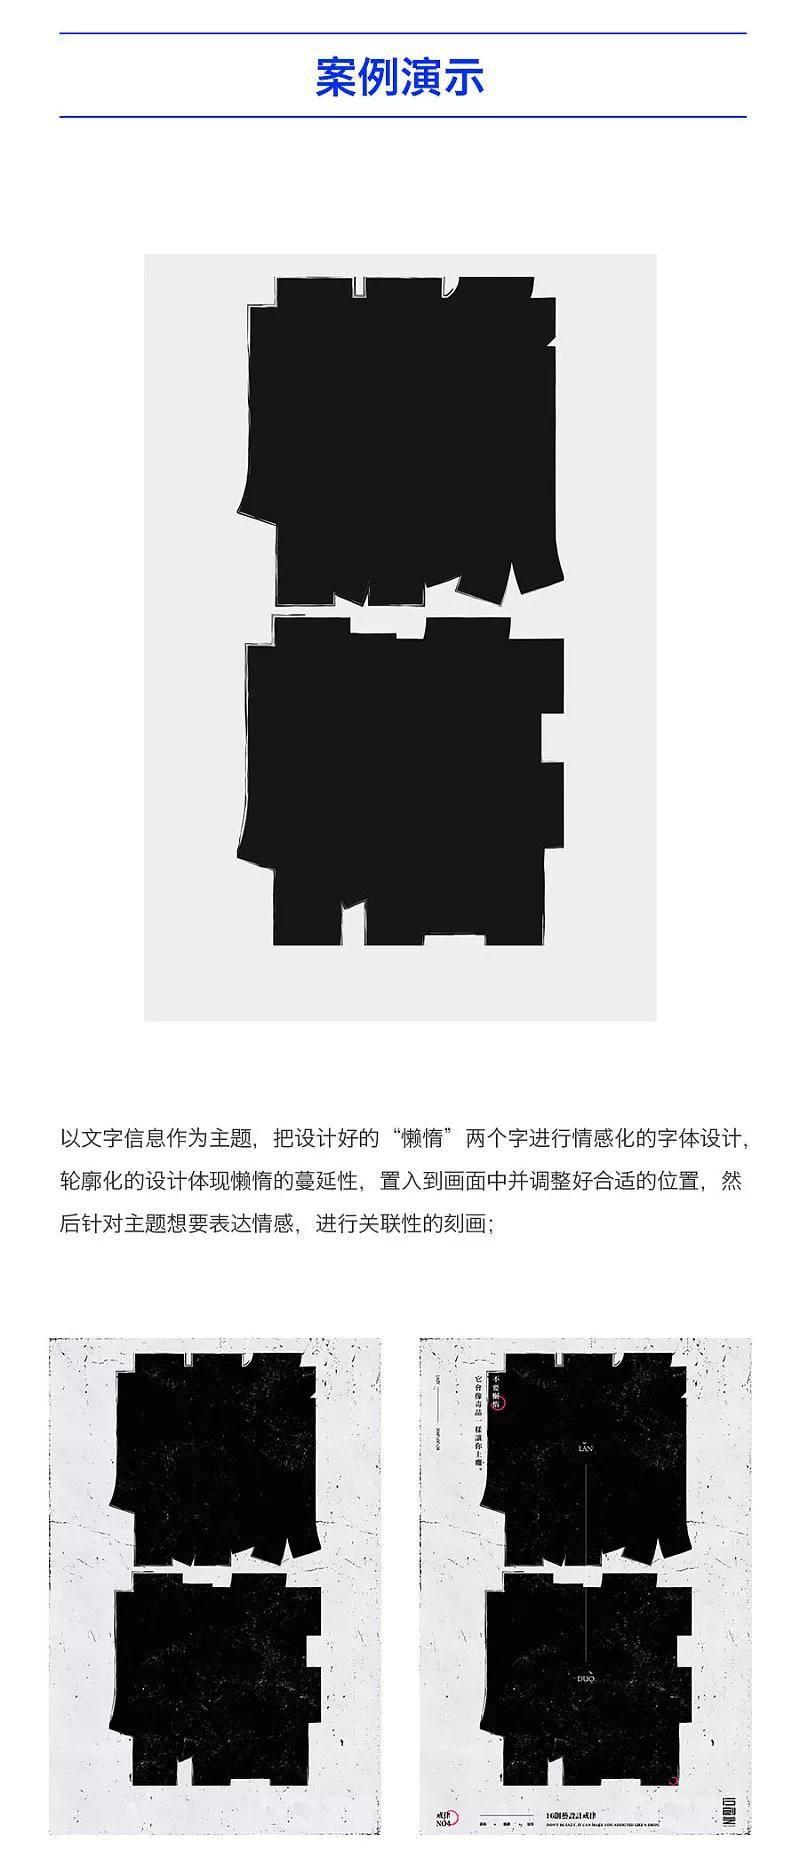 武汉哪里学习平面设计会更加的专业